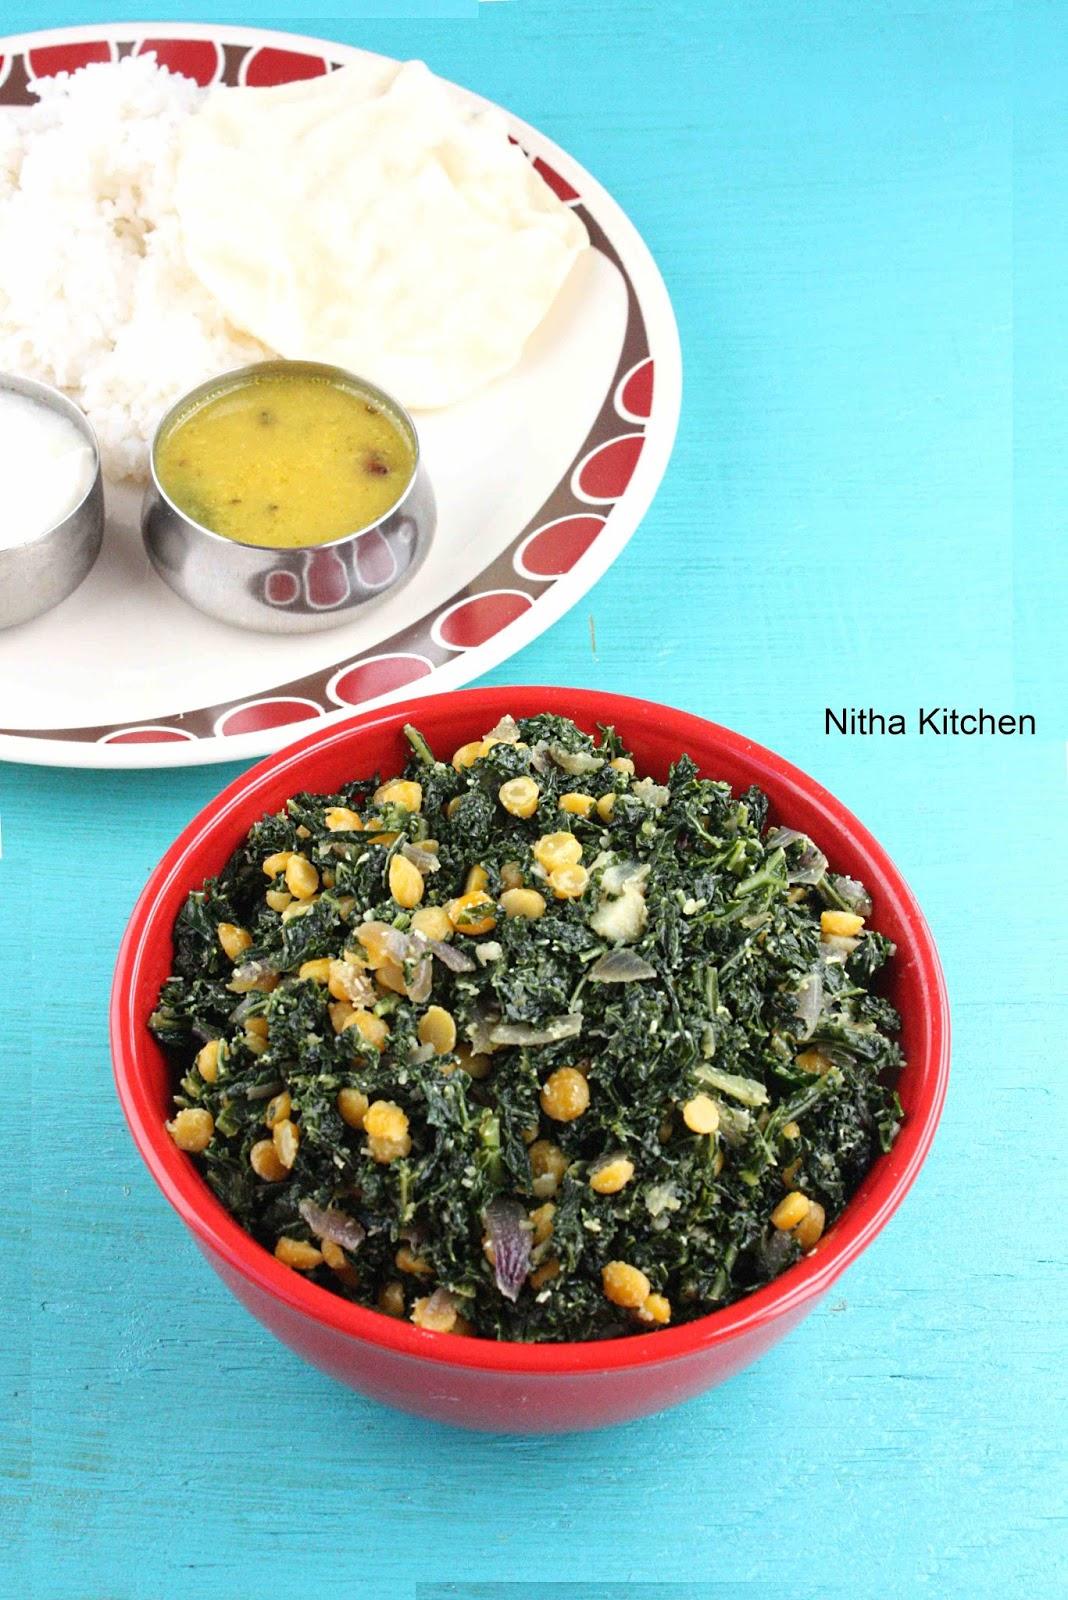 Kale Stir Fry | Keerai Paruppu Poriyal - Nitha Kitchen